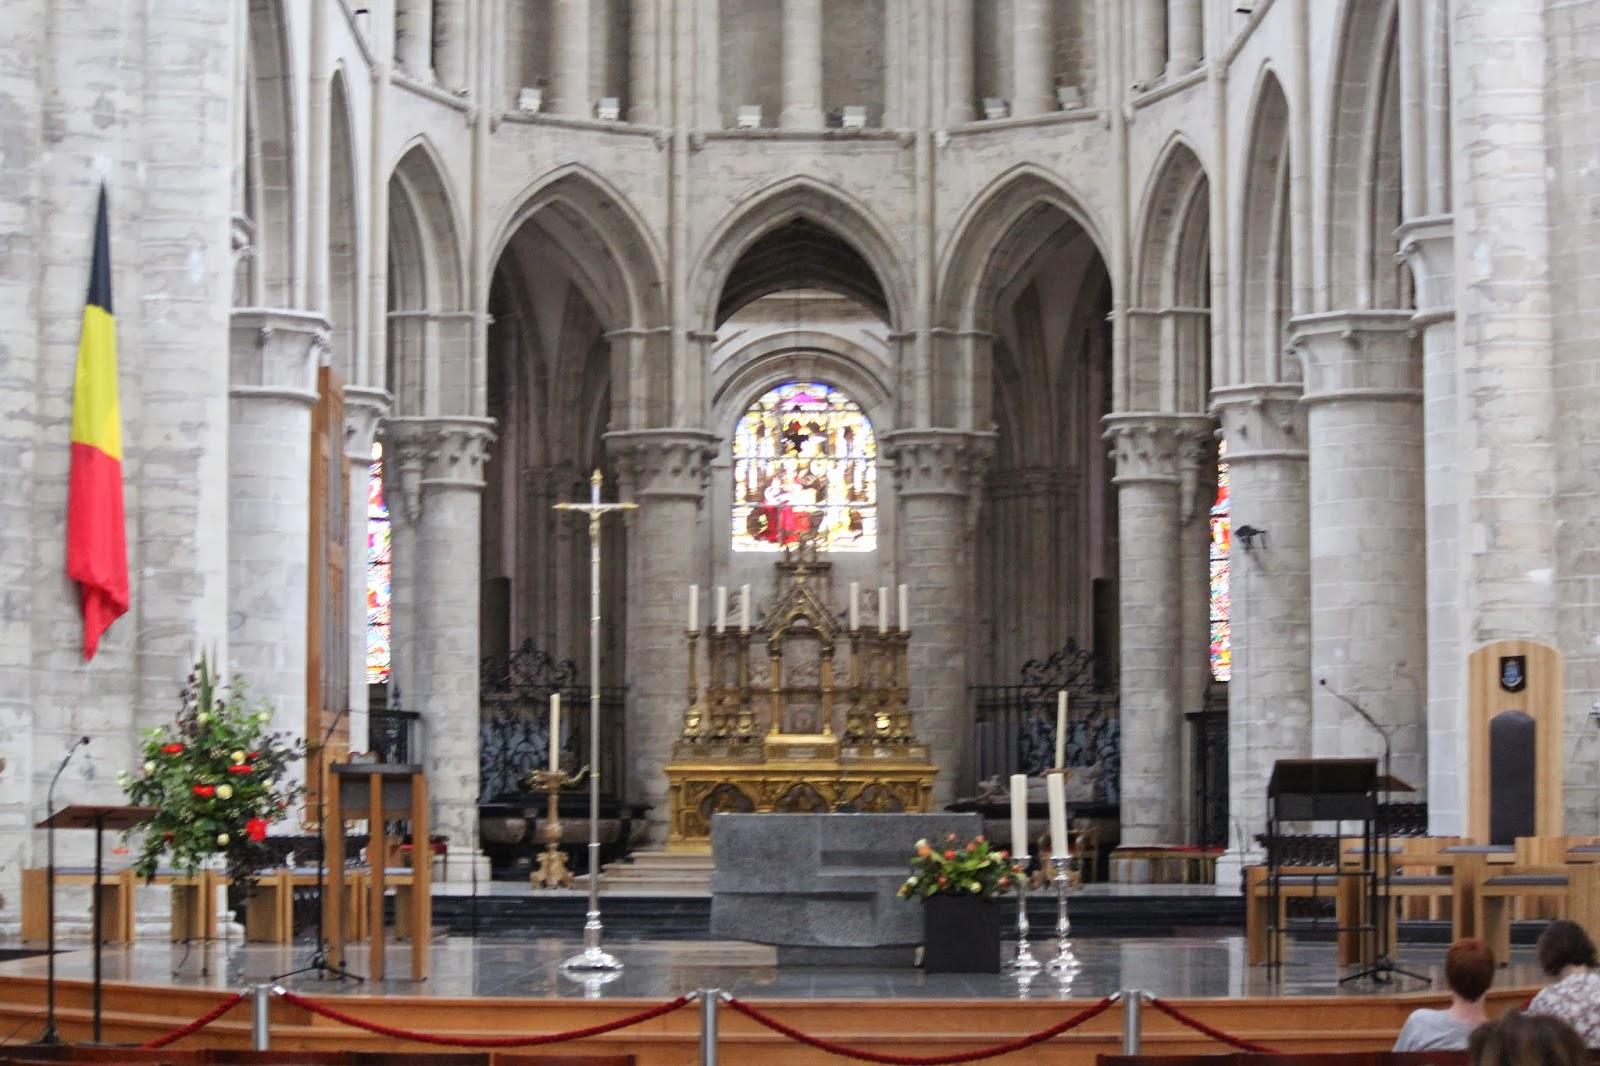 Historia y genealog a interior de la catedral de bruselas for Catedral de durham interior